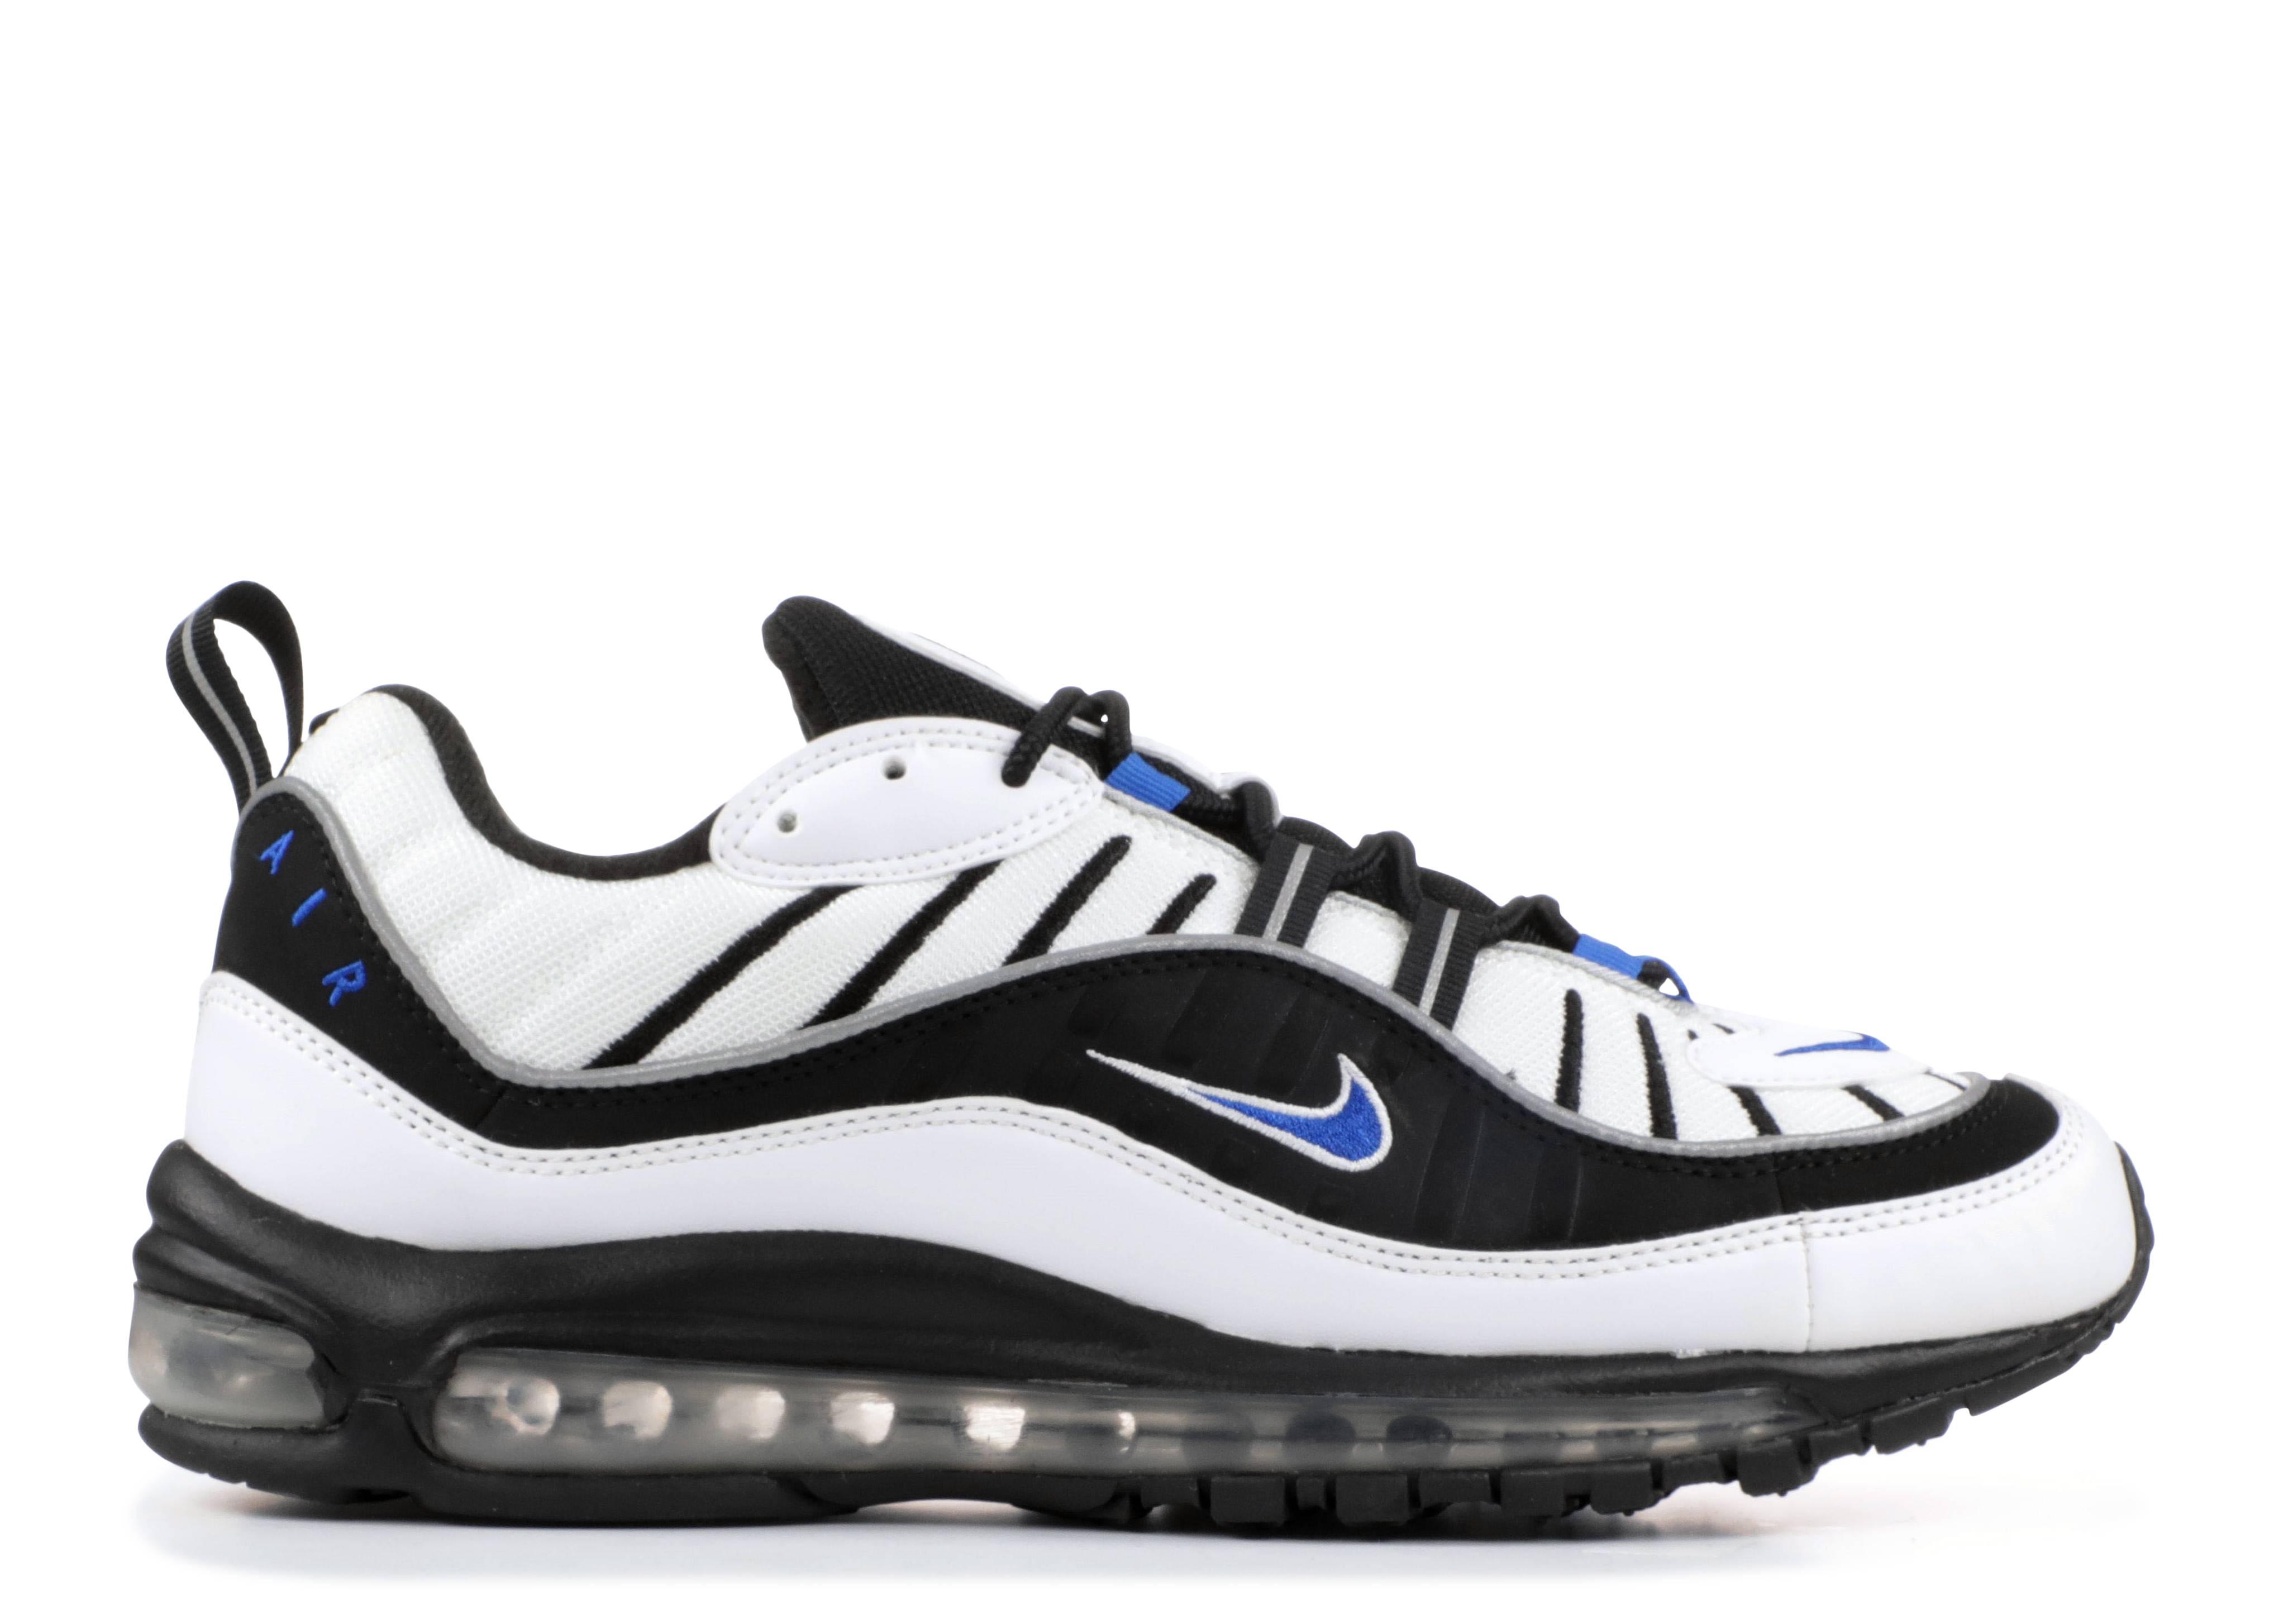 Air Max 98 - Nike - 640744 102 - white hyper cobalt-black-metallic silver  58fdbef527